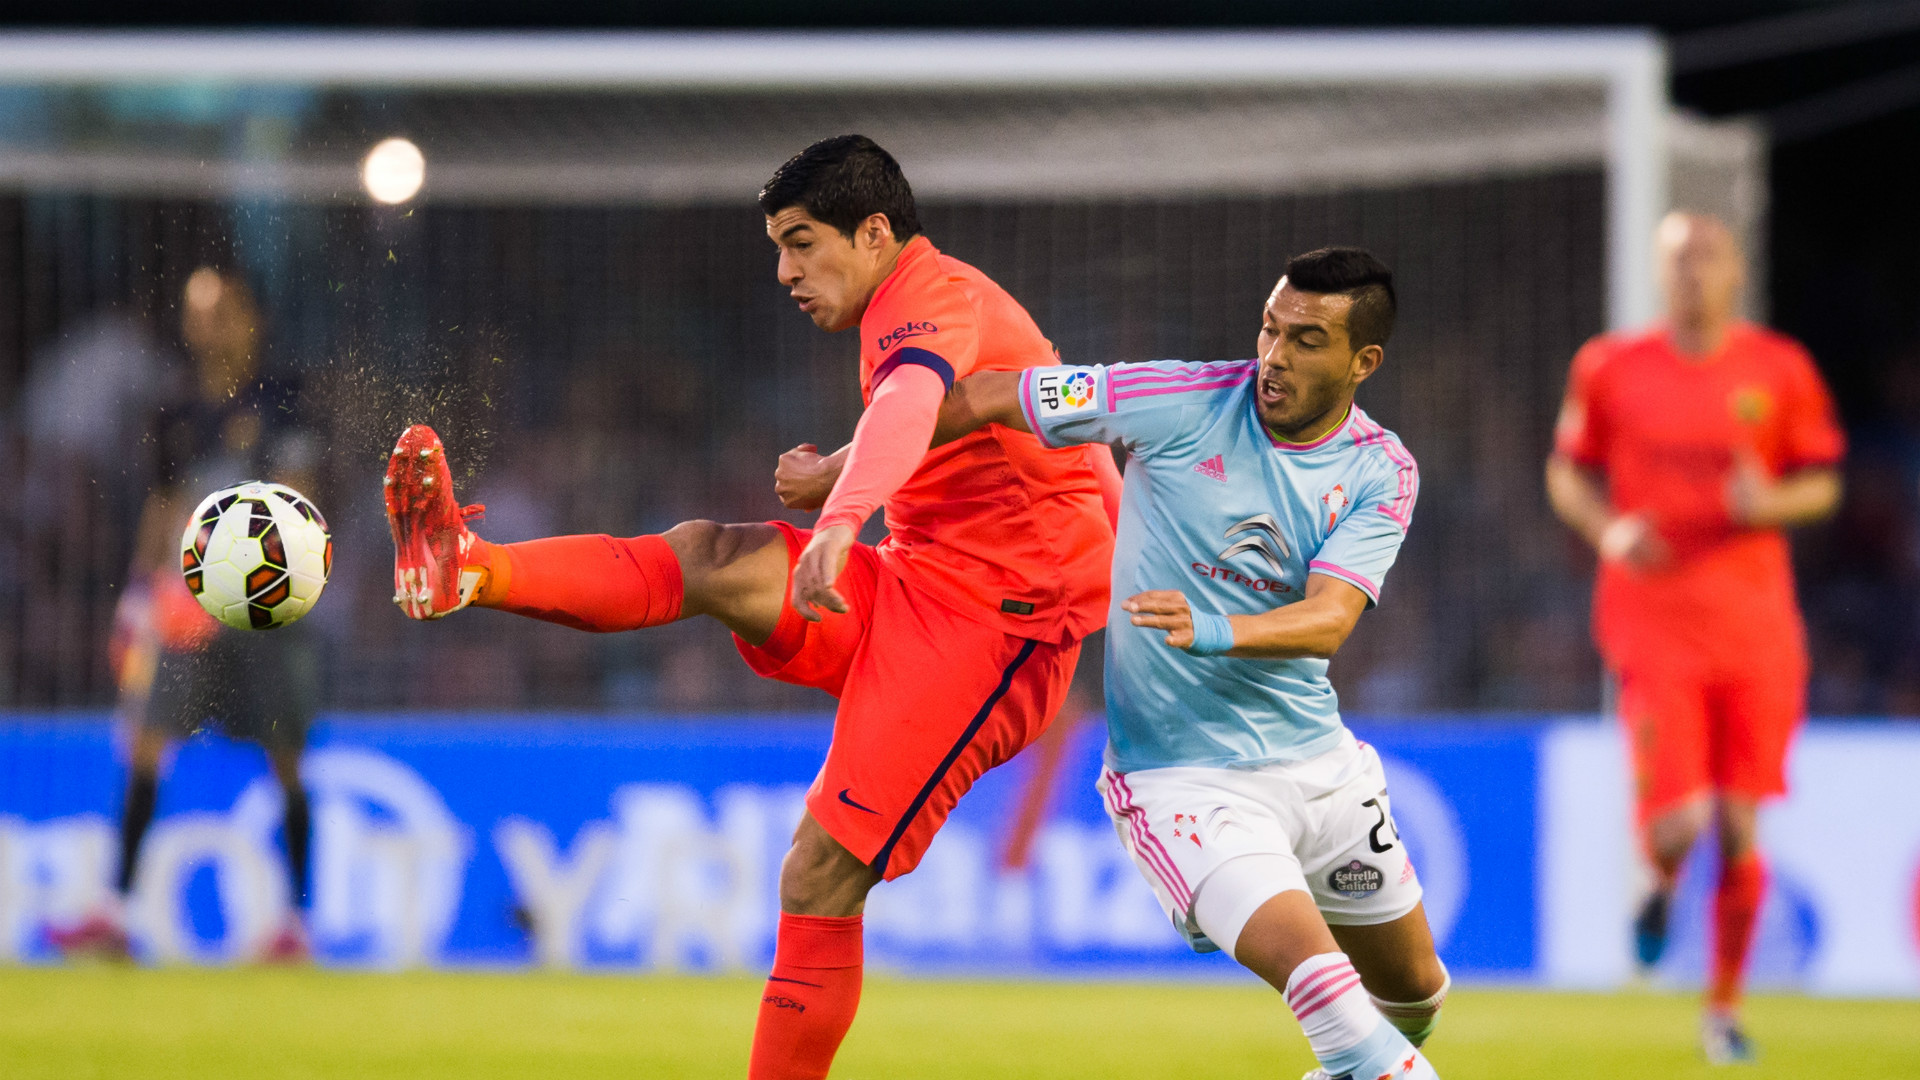 Image Result For Vivo Manchester United Vs Sevilla Online En Vivo Youtube